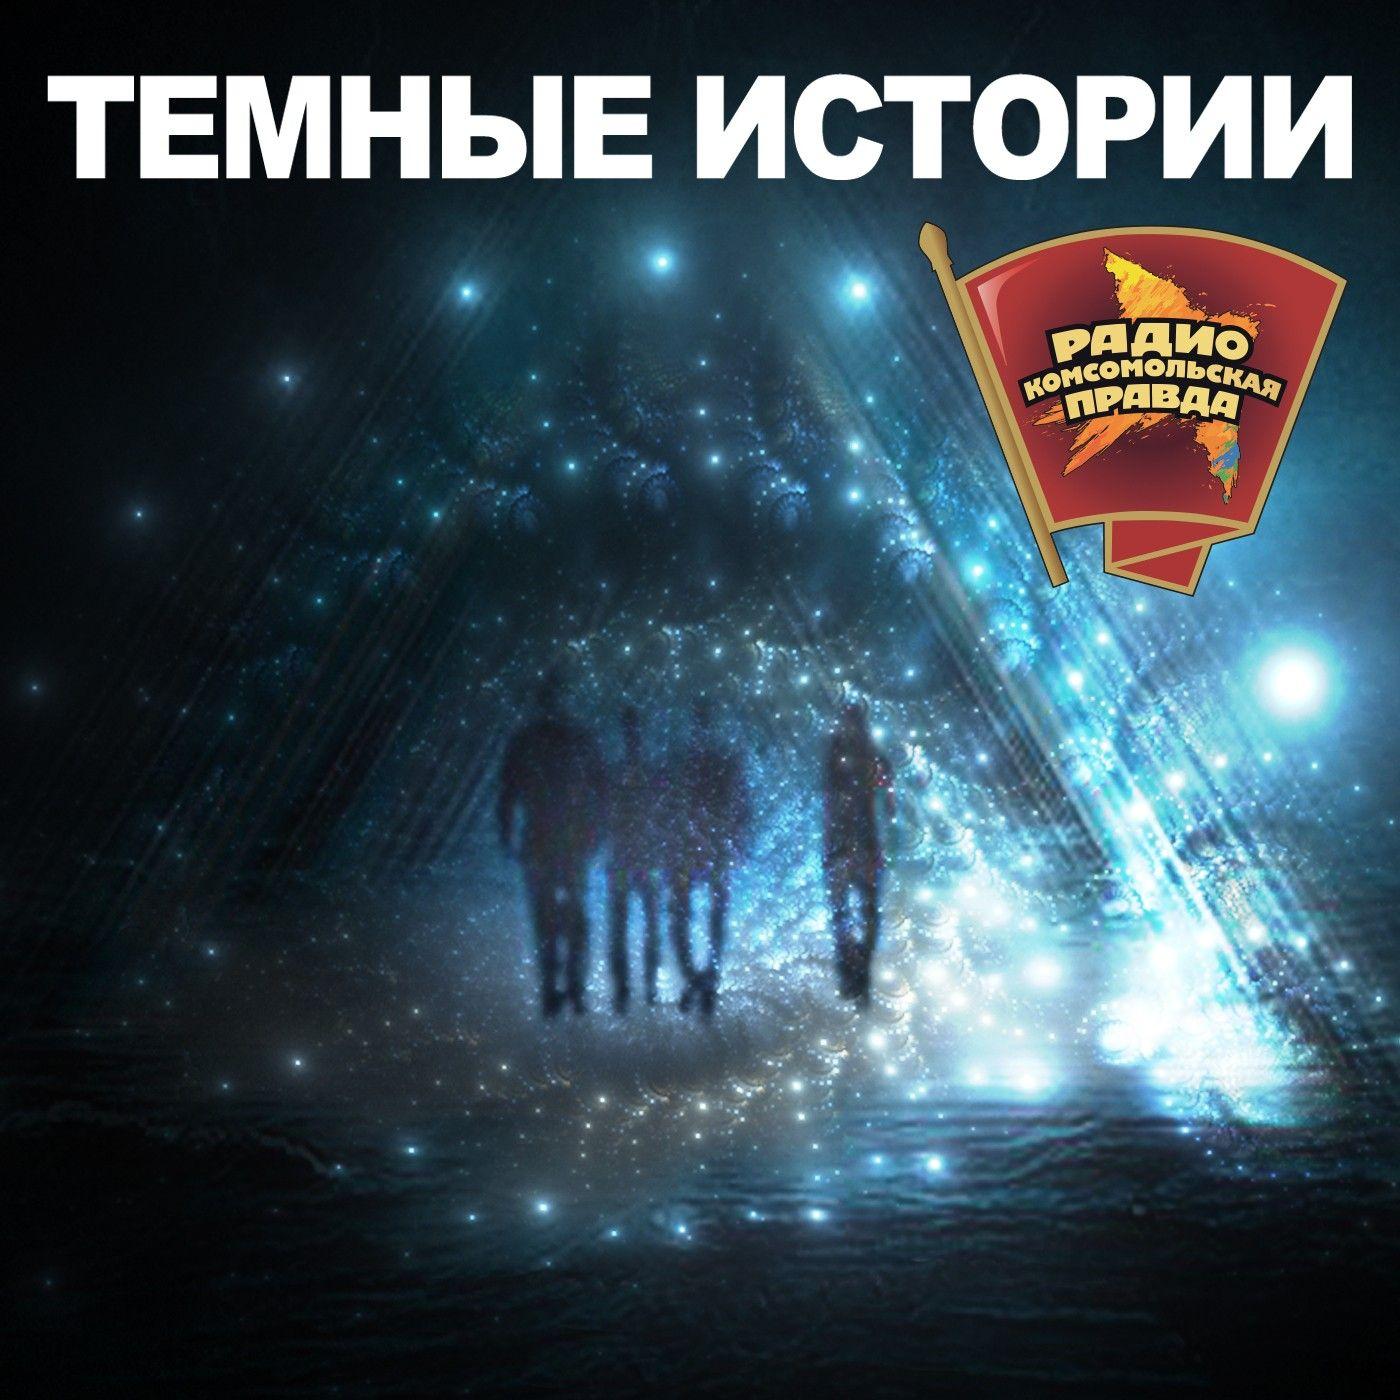 Радио «Комсомольская правда» Была ли Куликовская битва а с корх куликовская битва 600 лет